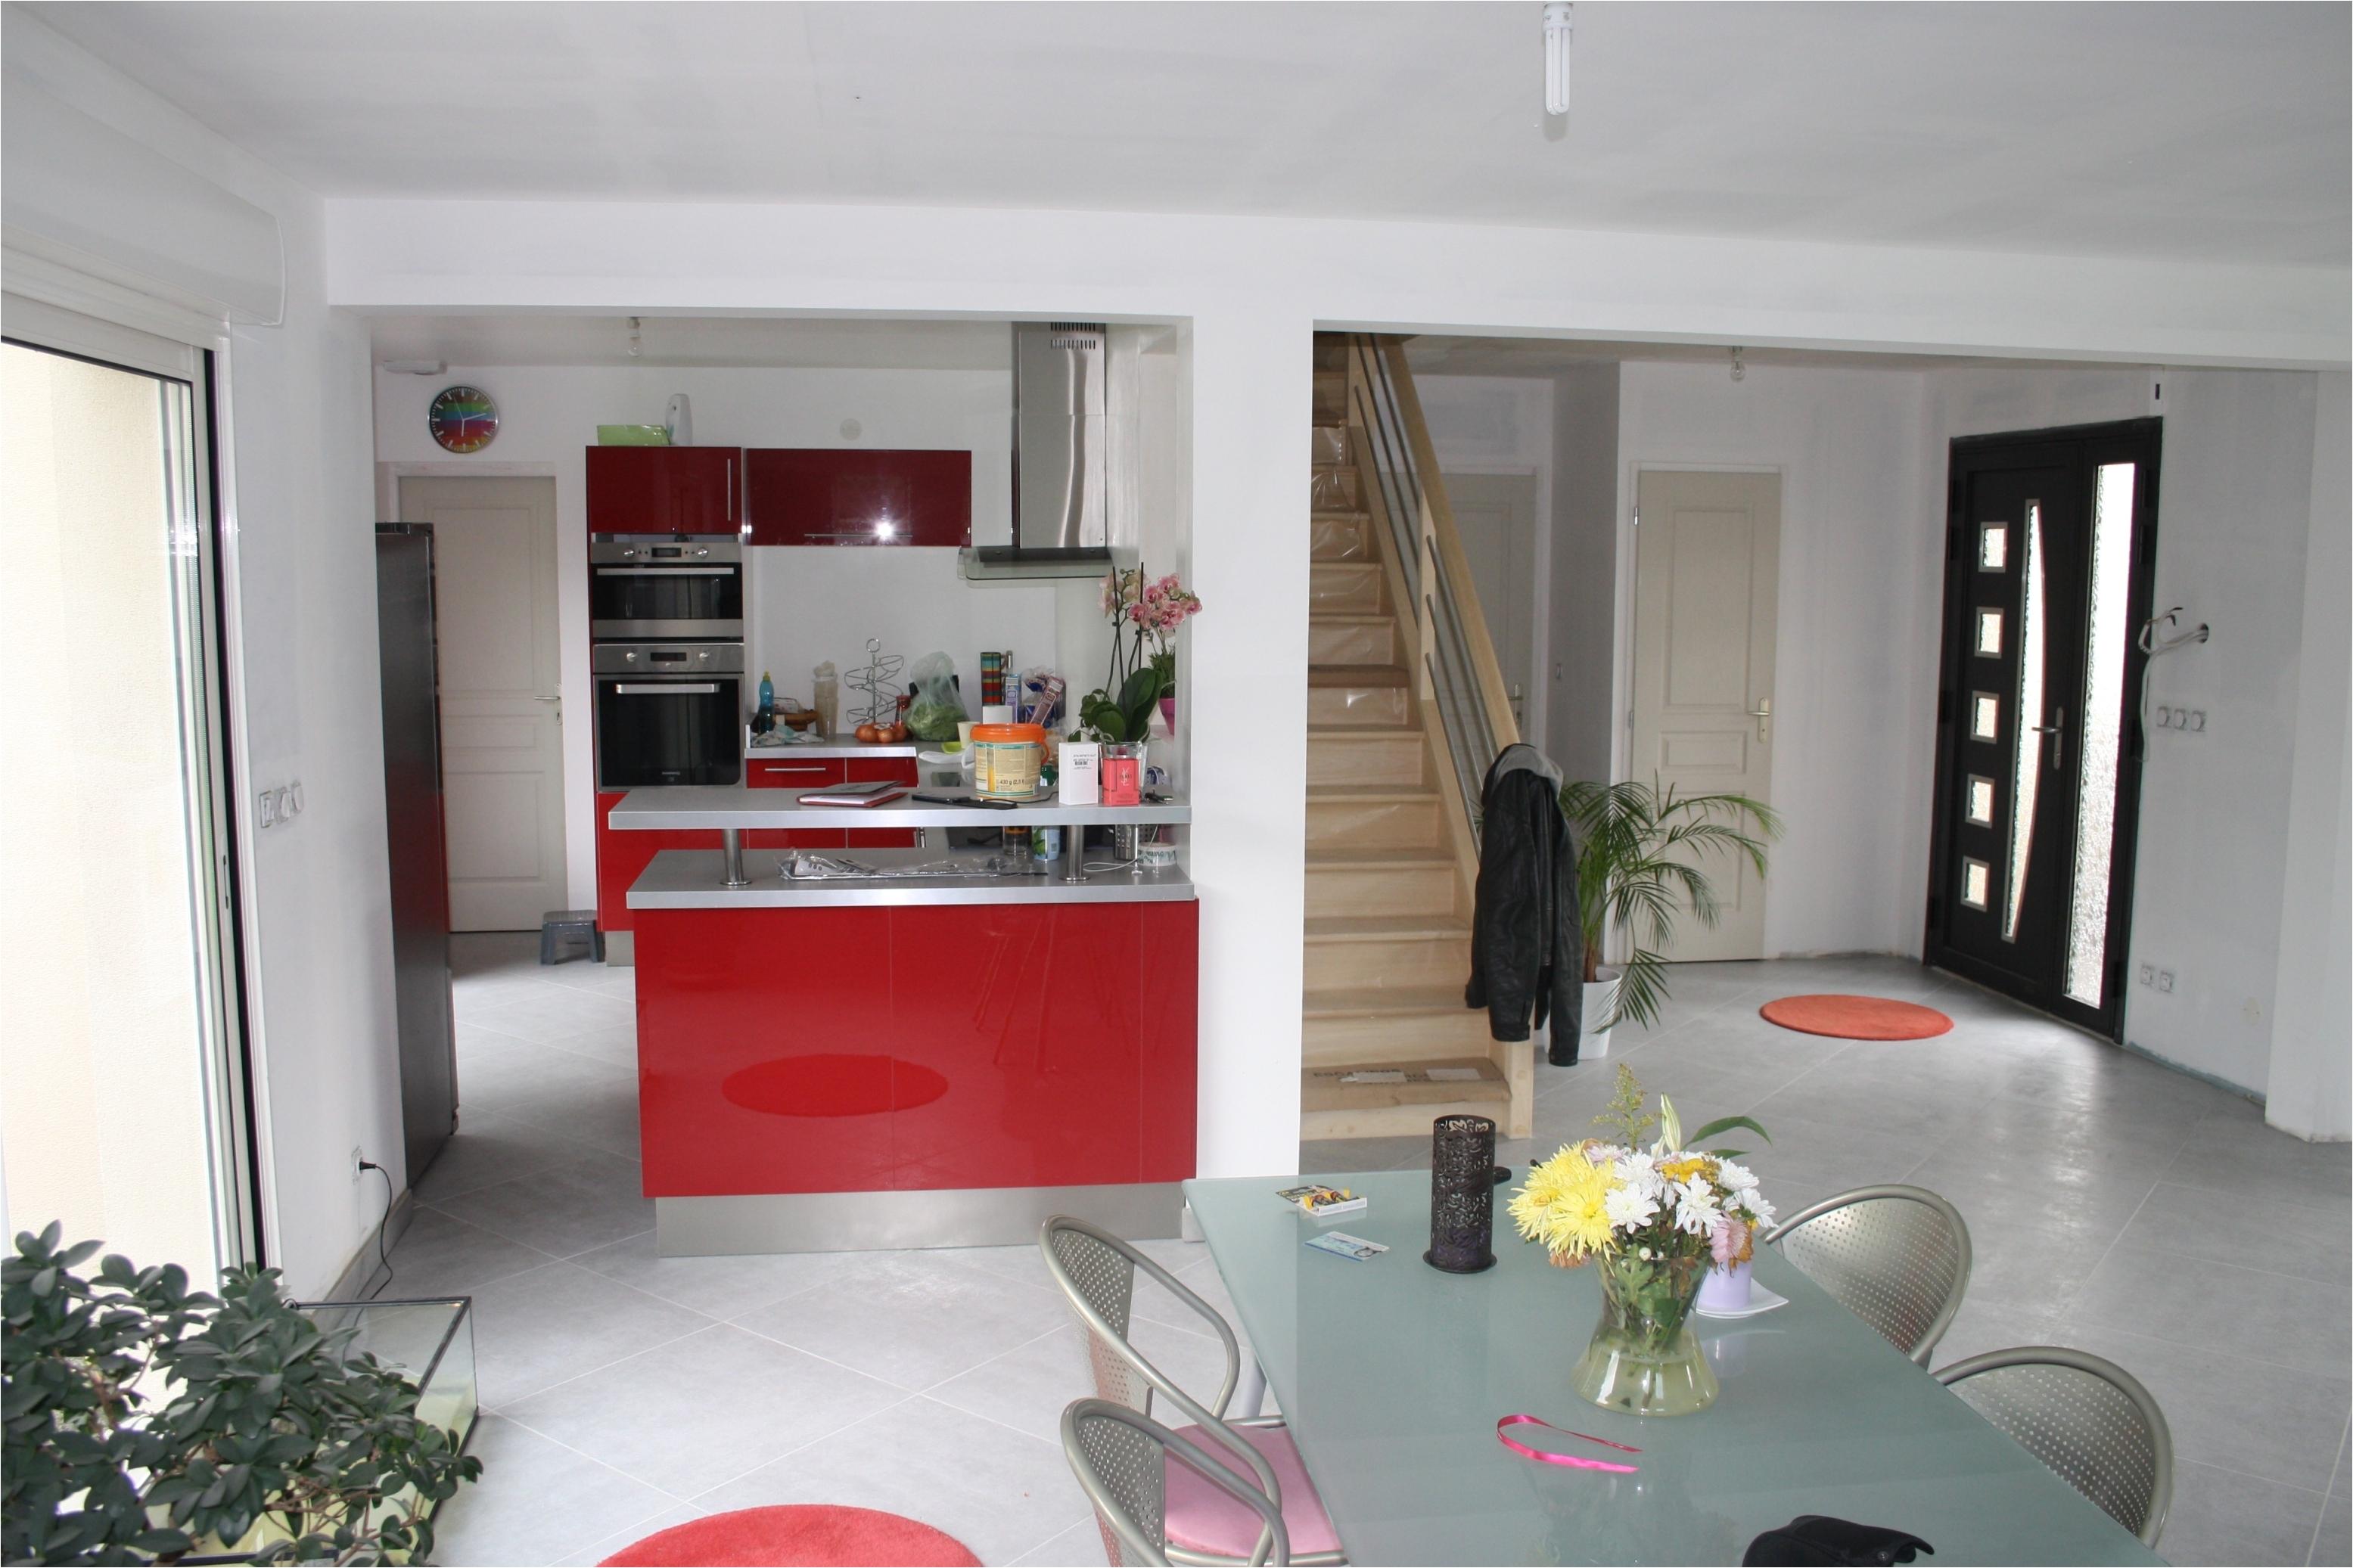 Best Simple Kitchen Designs New House Interior Design Fresh 0d